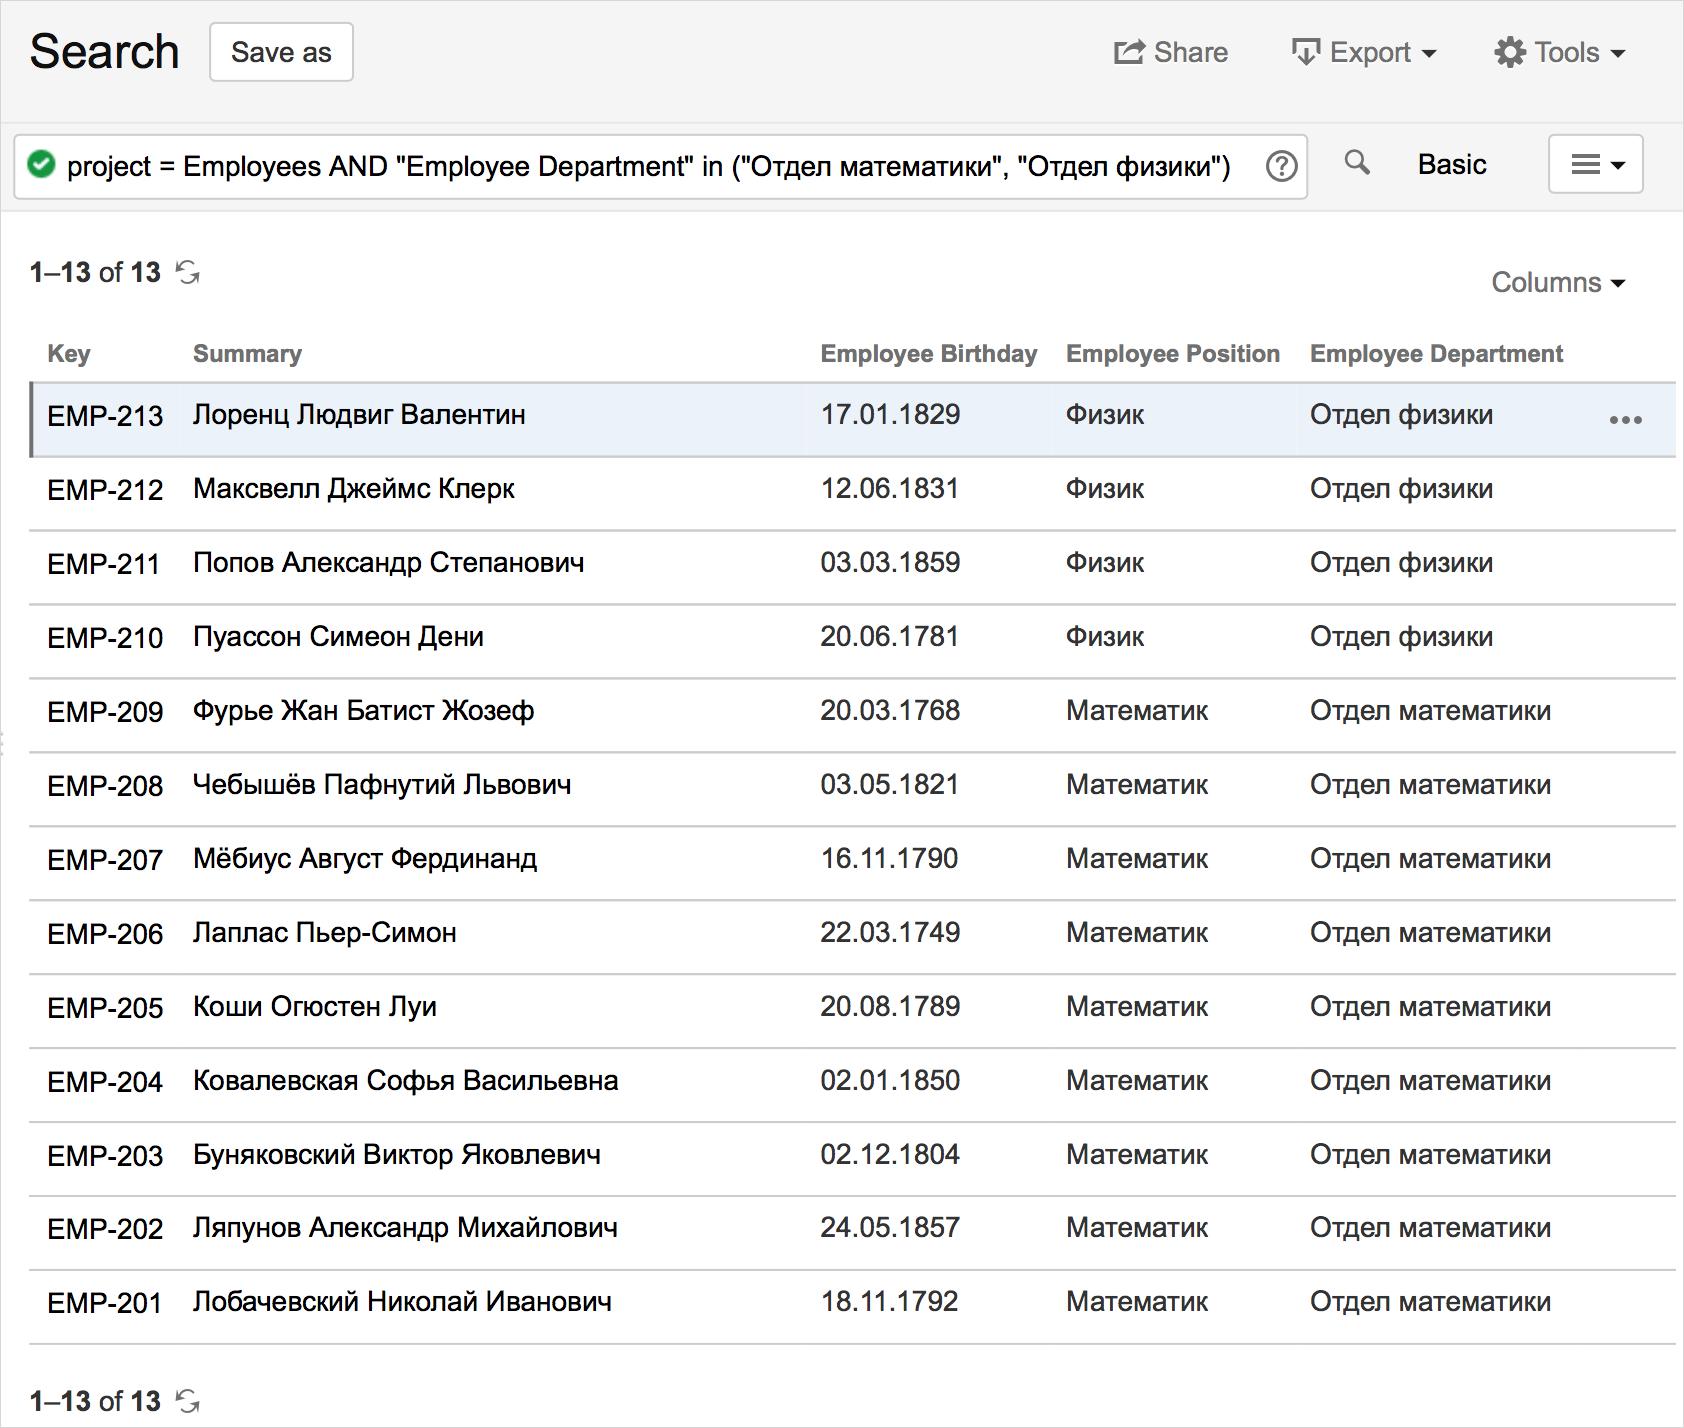 Как отобразить динамическую выгрузку из БД на страницах Atlassian Confluence? - 2